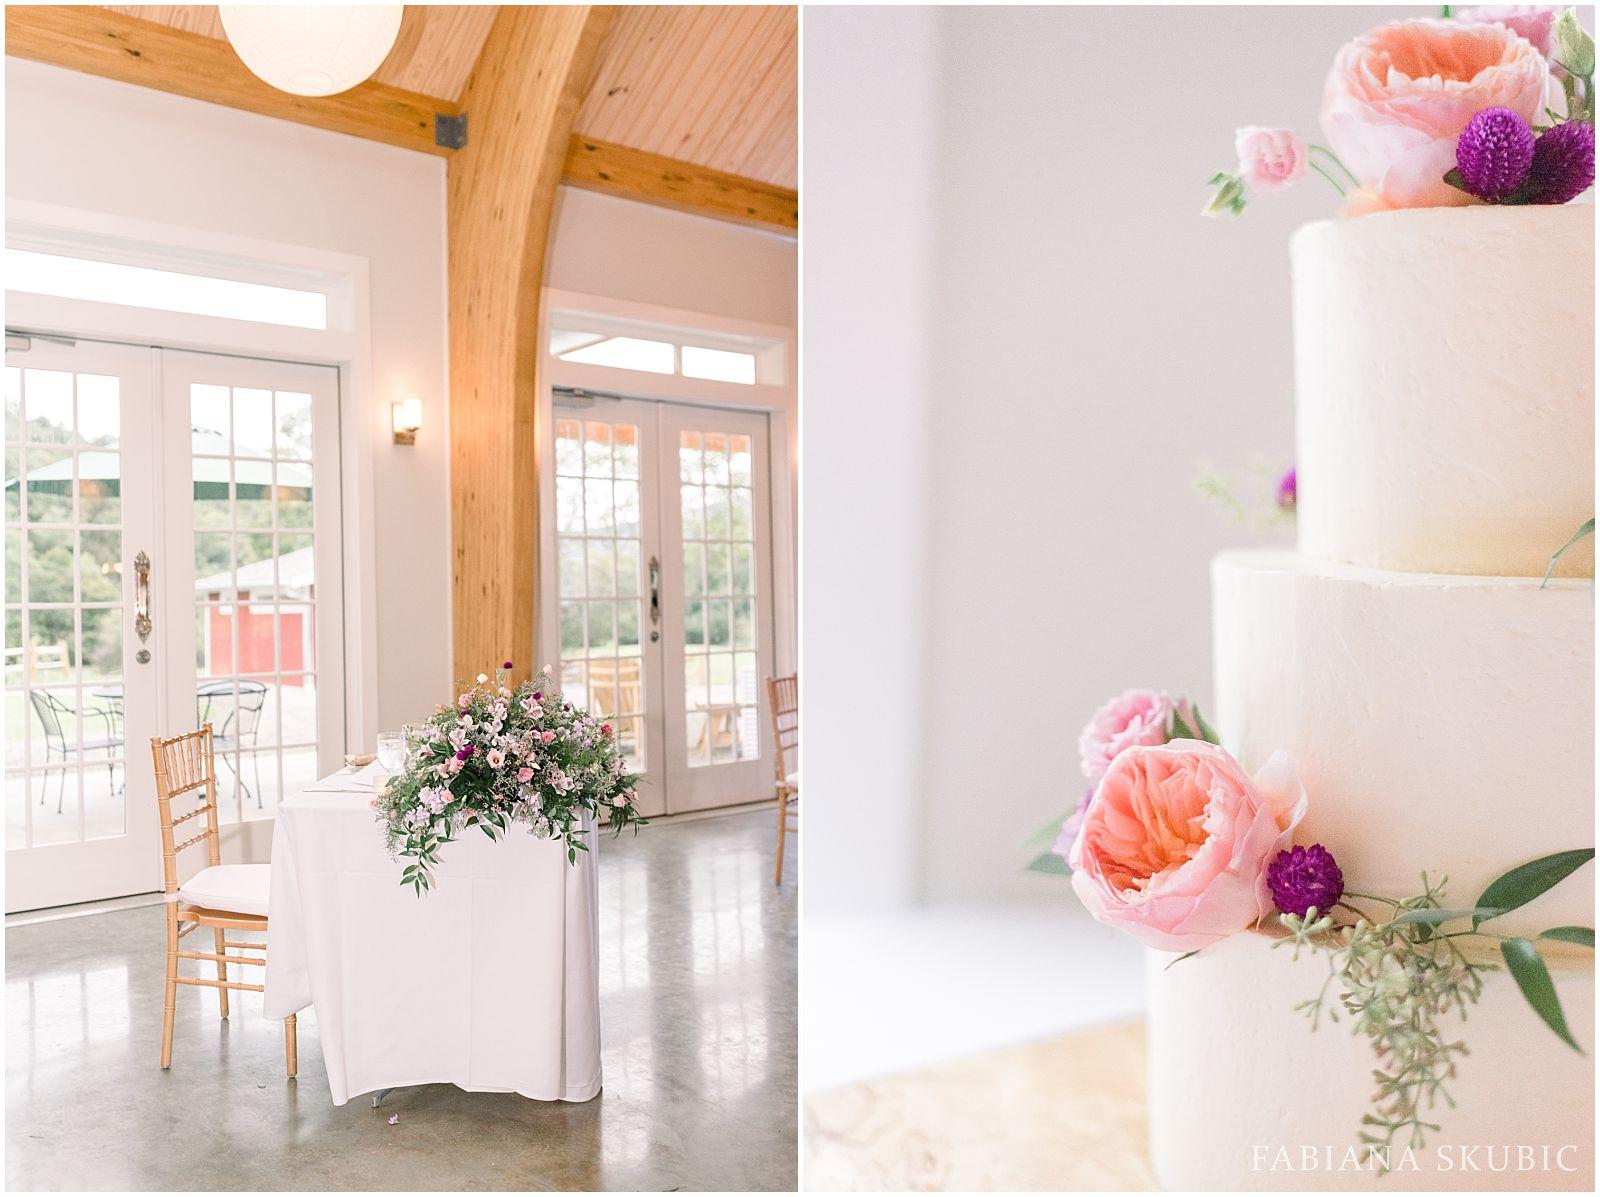 FabianaSkubic_J&M_FullMoonResort_Wedding_0079.jpg